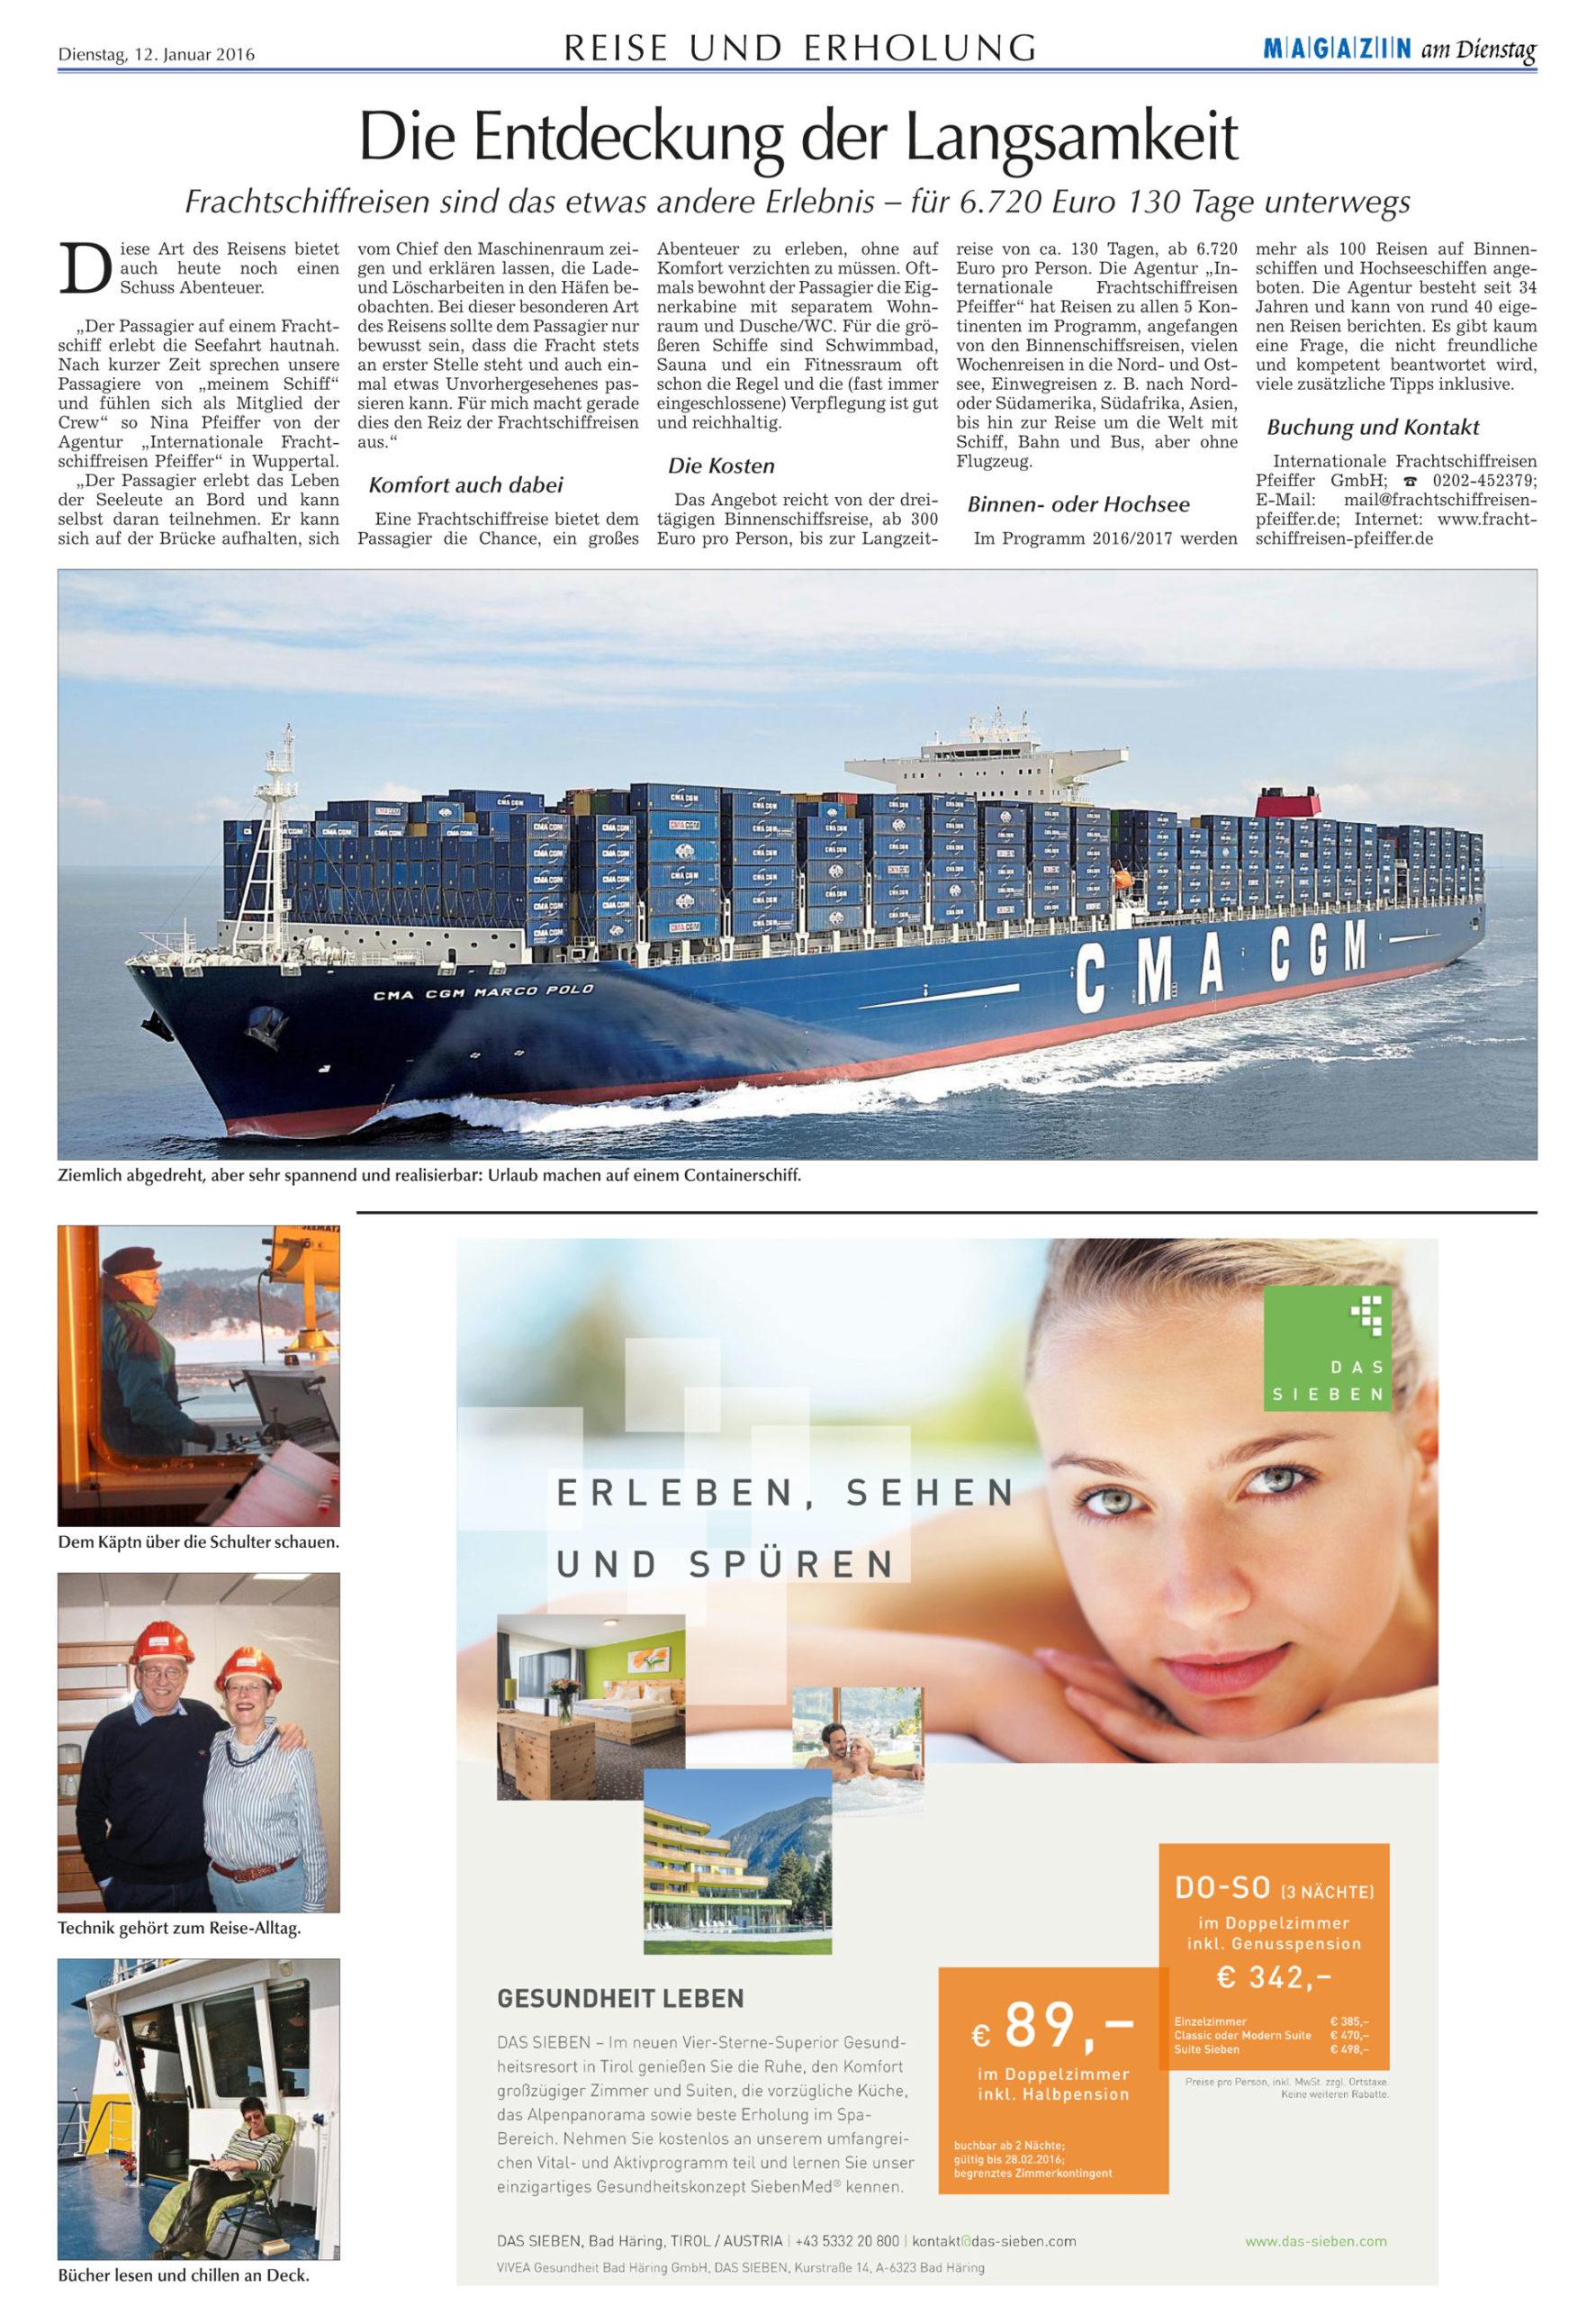 Internationale Frachtschiffreisen Pfeiffer - Presseberichte - Straubinger Tagblatt 12.01.2016